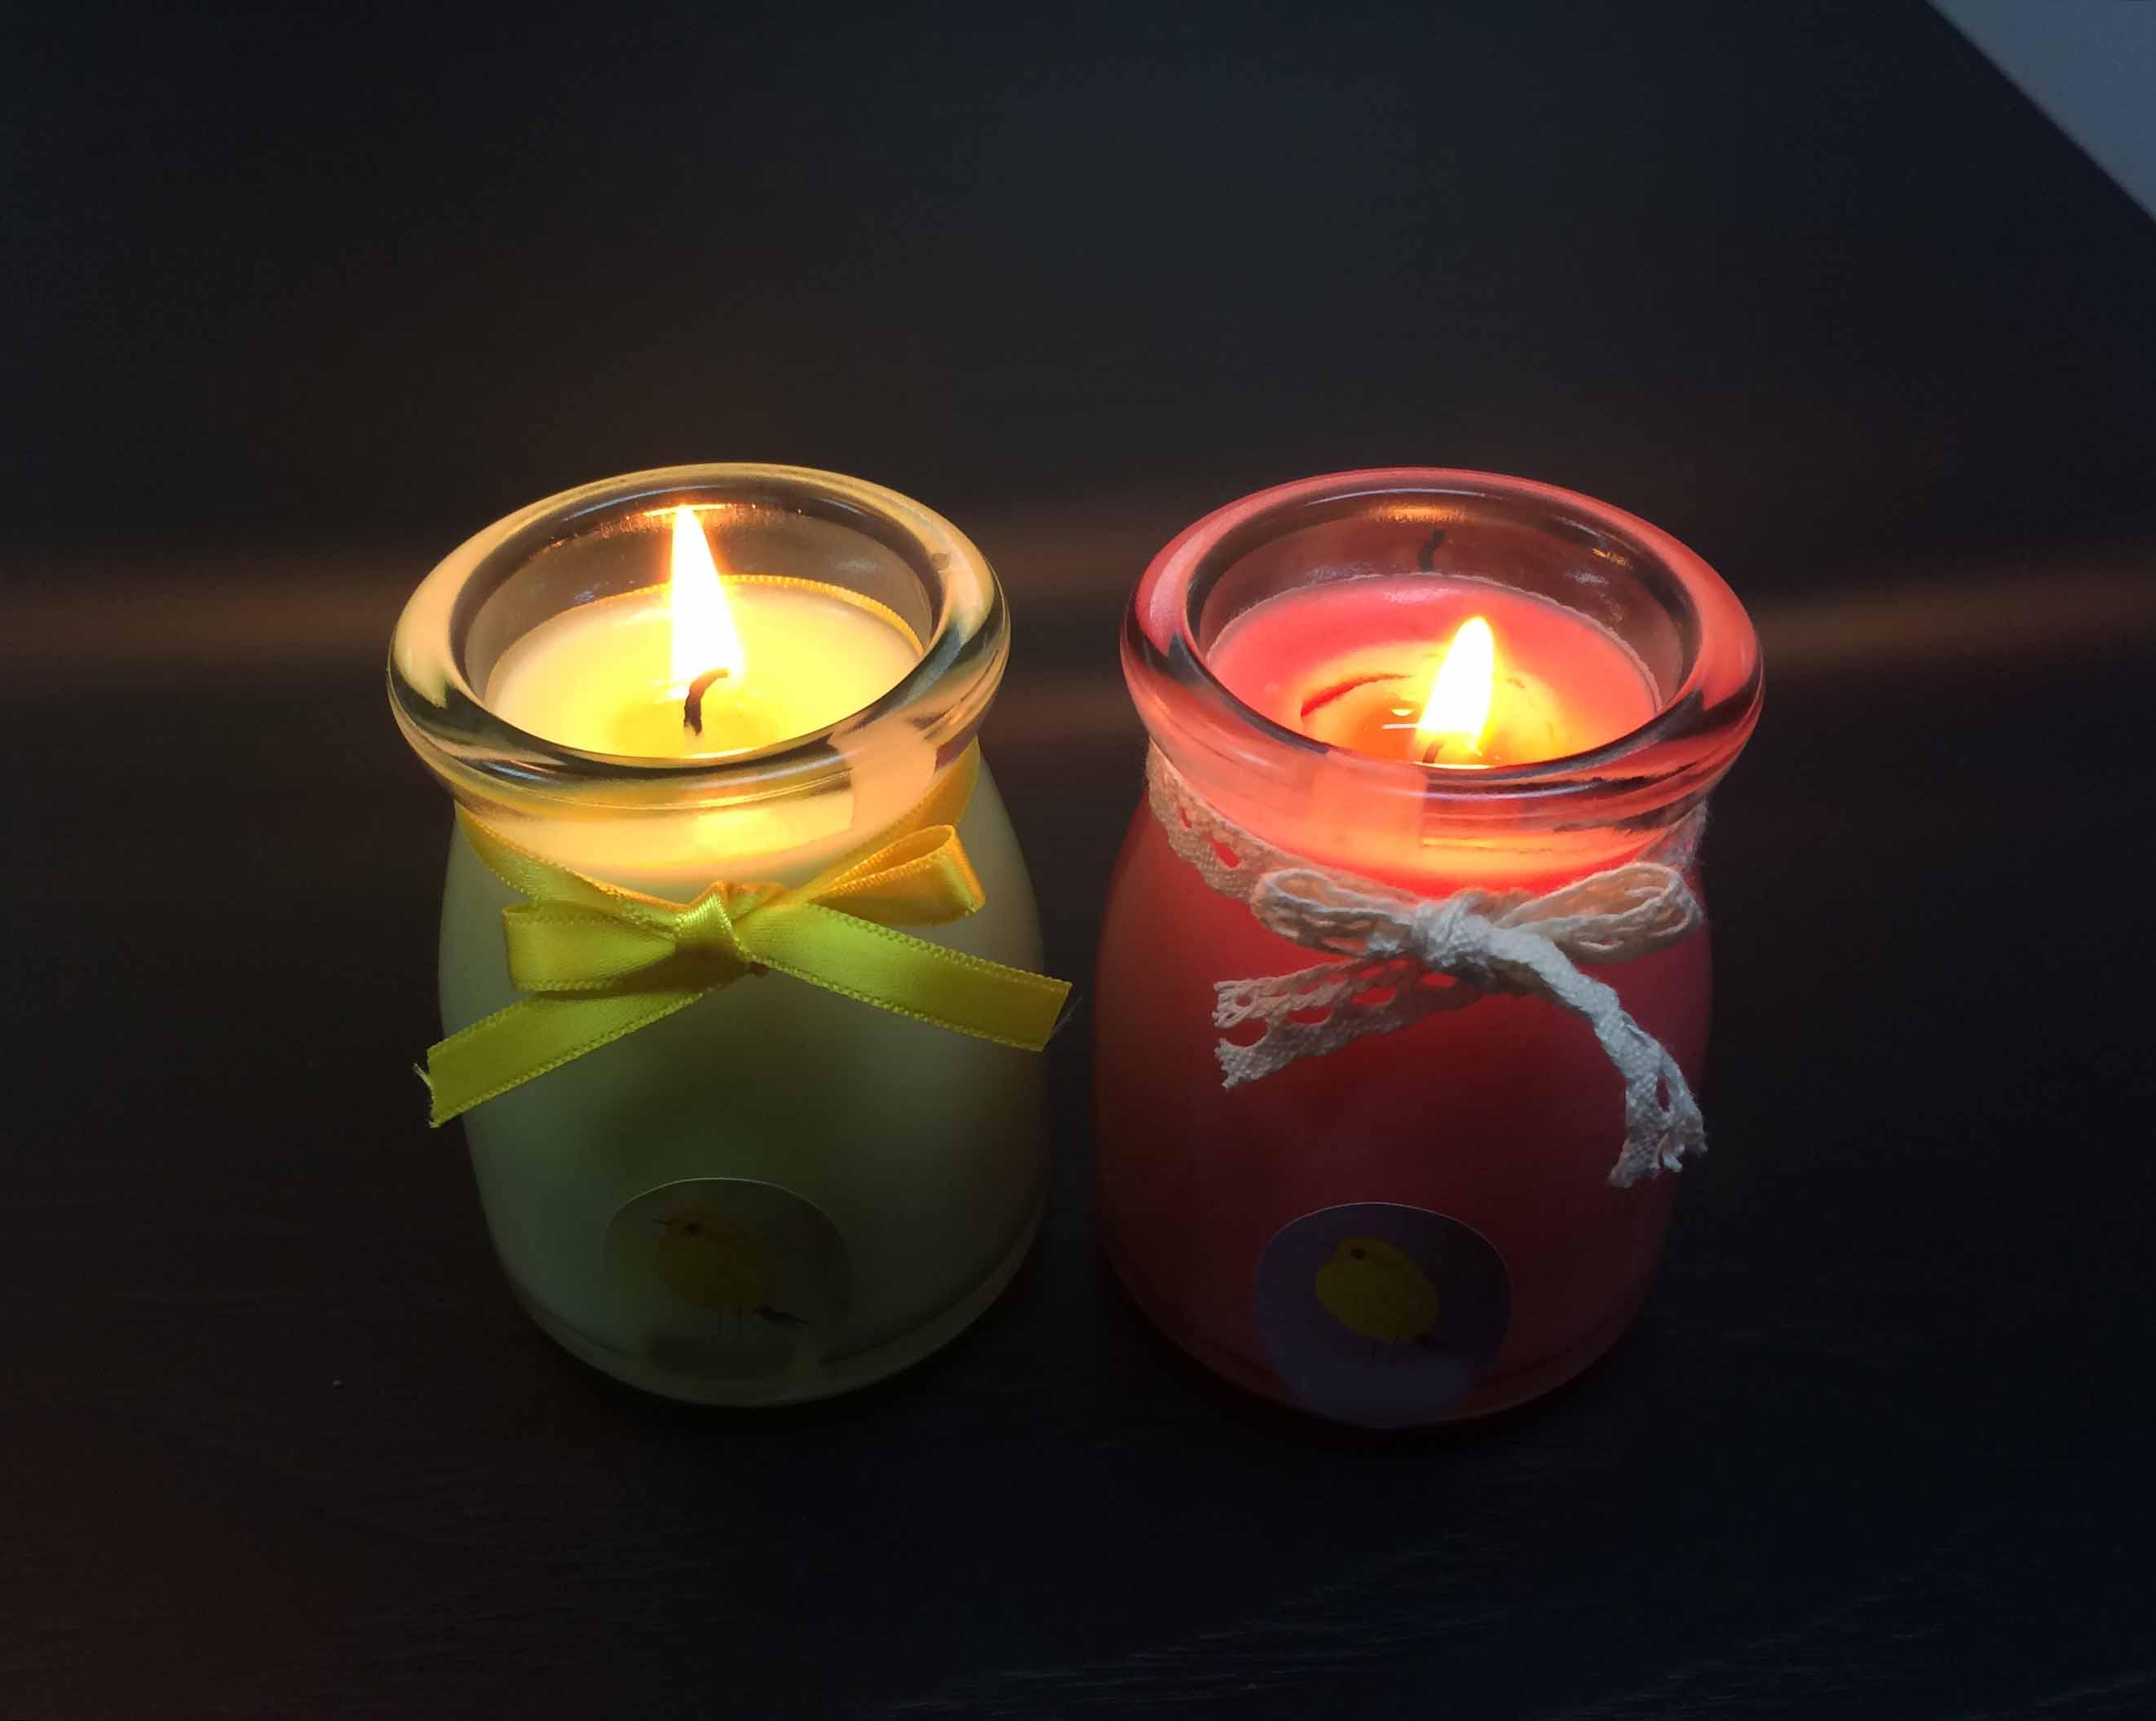 在睡前1、2個小時點一隻小小的蠟燭,,, 睡前再滅掉,既不用擔心火險 而且還有暗暗的幽香縈繞在房間內 有助睡眠的呢~